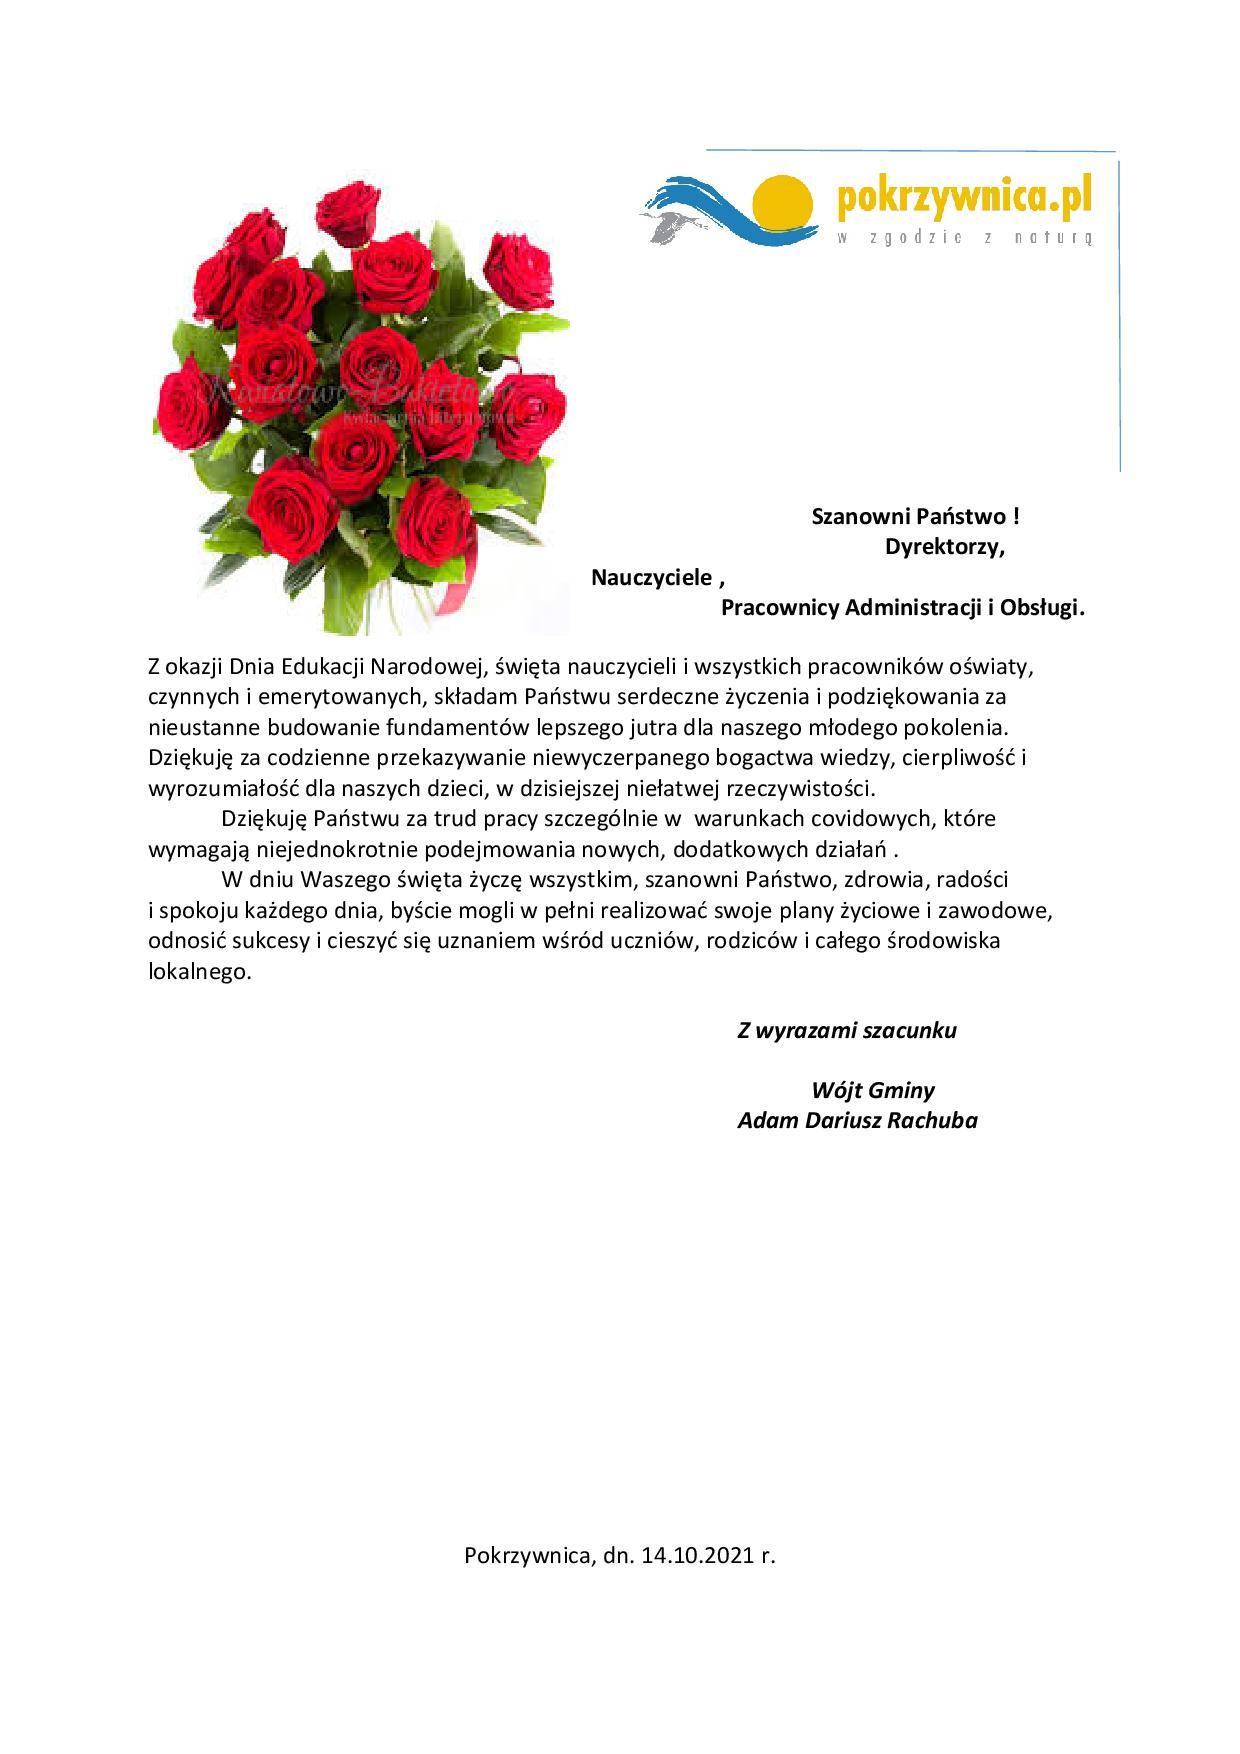 Na grafice znajduje się bukiet czerwonych róż oraz logo pokrzywnica.pl. Poniżej zamieszczona jest treść życzeń brzmiąca: Szanowni Państwo !Dyrektorzy, Nauczyciele ,                        Pracownicy Administracji i Obsługi.  Z okazji Dnia Edukacji Narodowej, święta nauczycieli i wszystkich pracowników oświaty, czynnych i emerytowanych, składam Państwu serdeczne życzenia i podziękowania za nieustanne budowanie fundamentów lepszego jutra dla naszego młodego pokolenia. Dziękuję za codzienne przekazywanie niewyczerpanego bogactwa wiedzy, cierpliwość i wyrozumiałość dla naszych dzieci, w dzisiejszej niełatwej rzeczywistości. Dziękuję Państwu za trud pracy szczególnie w  warunkach covidowych, które wymagają niejednokrotnie podejmowania nowych, dodatkowych działań . W dniu Waszego święta życzę wszystkim, szanowni Państwo, zdrowia, radości  i spokoju każdego dnia, byście mogli w pełni realizować swoje plany życiowe i zawodowe, odnosić sukcesy i cieszyć się uznaniem wśród uczniów, rodziców i całego środowiska lokalnego. Z wyrazami szacunku  Wójt Gminy Adam Dariusz Rachuba